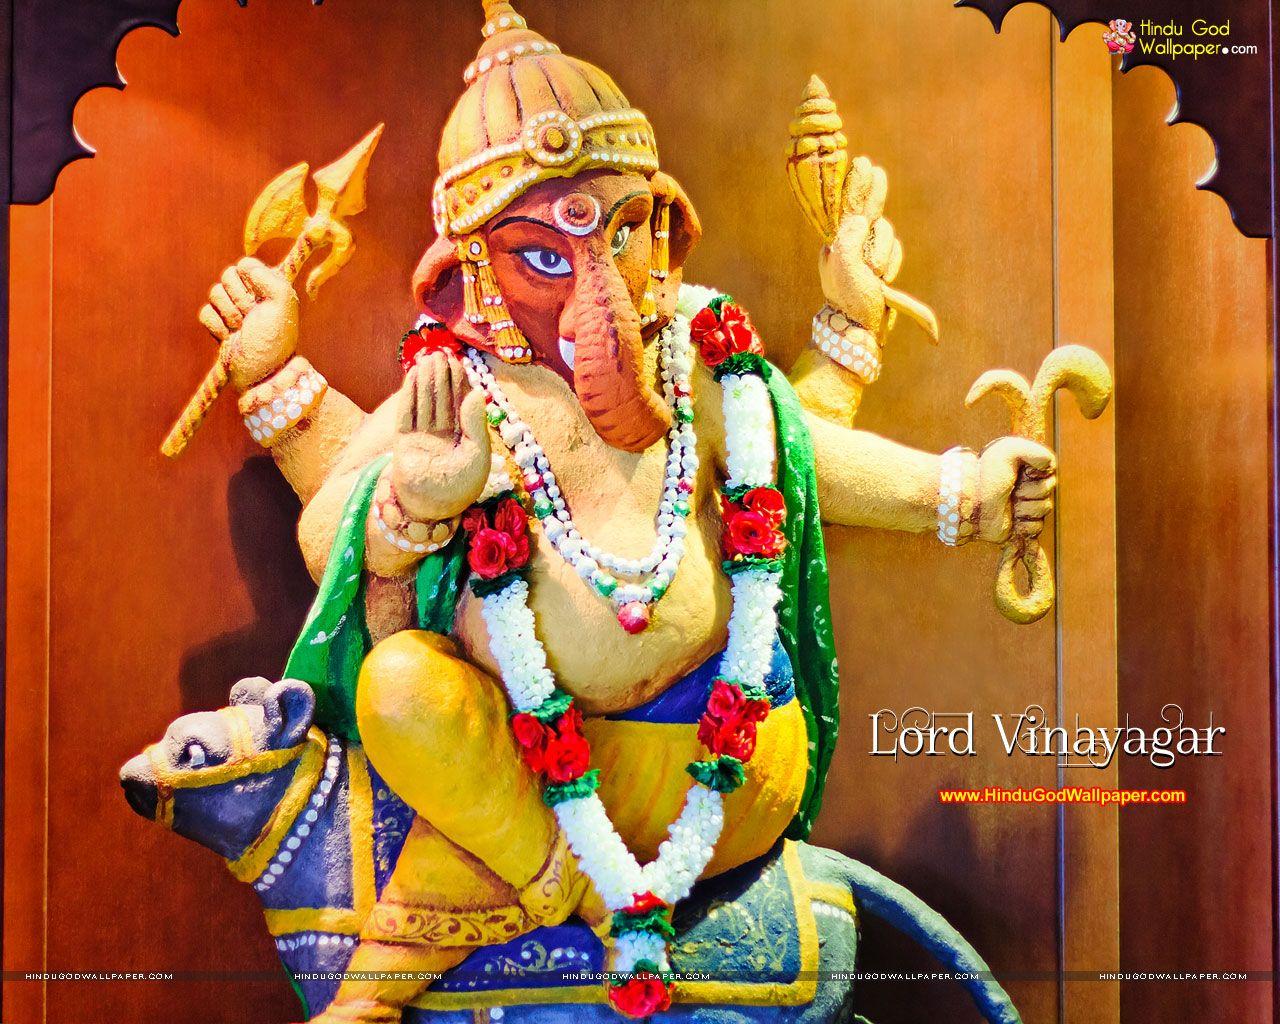 Hd wallpaper vinayagar - Lord Vinayagar Wallpapers Pictures Images Download